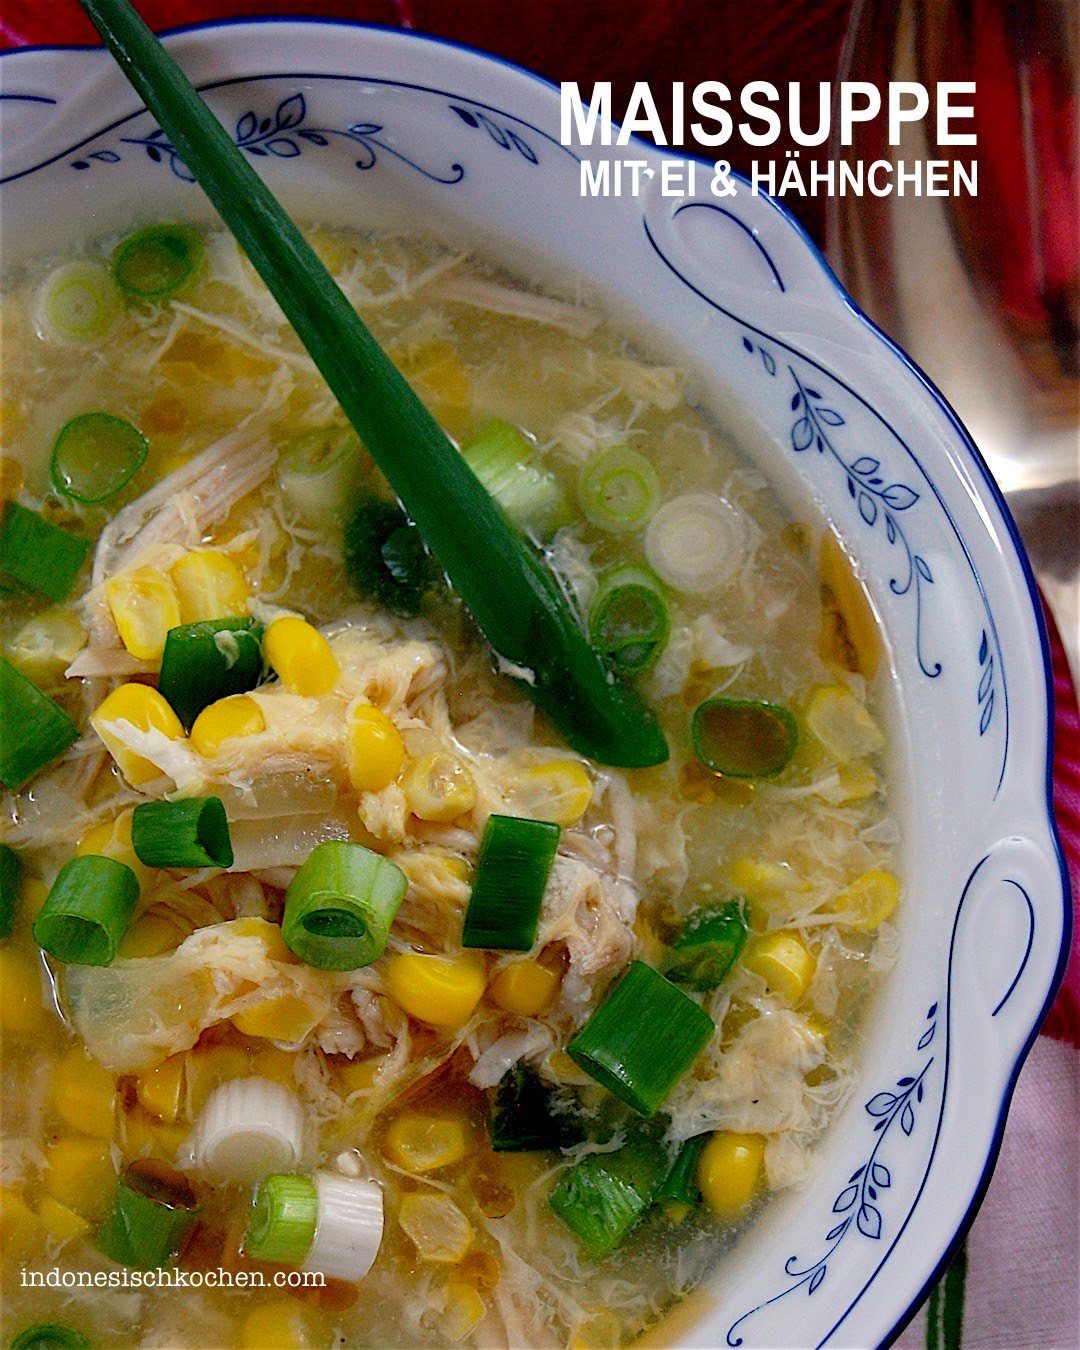 Asiatische Maissuppe mit Eierflocken